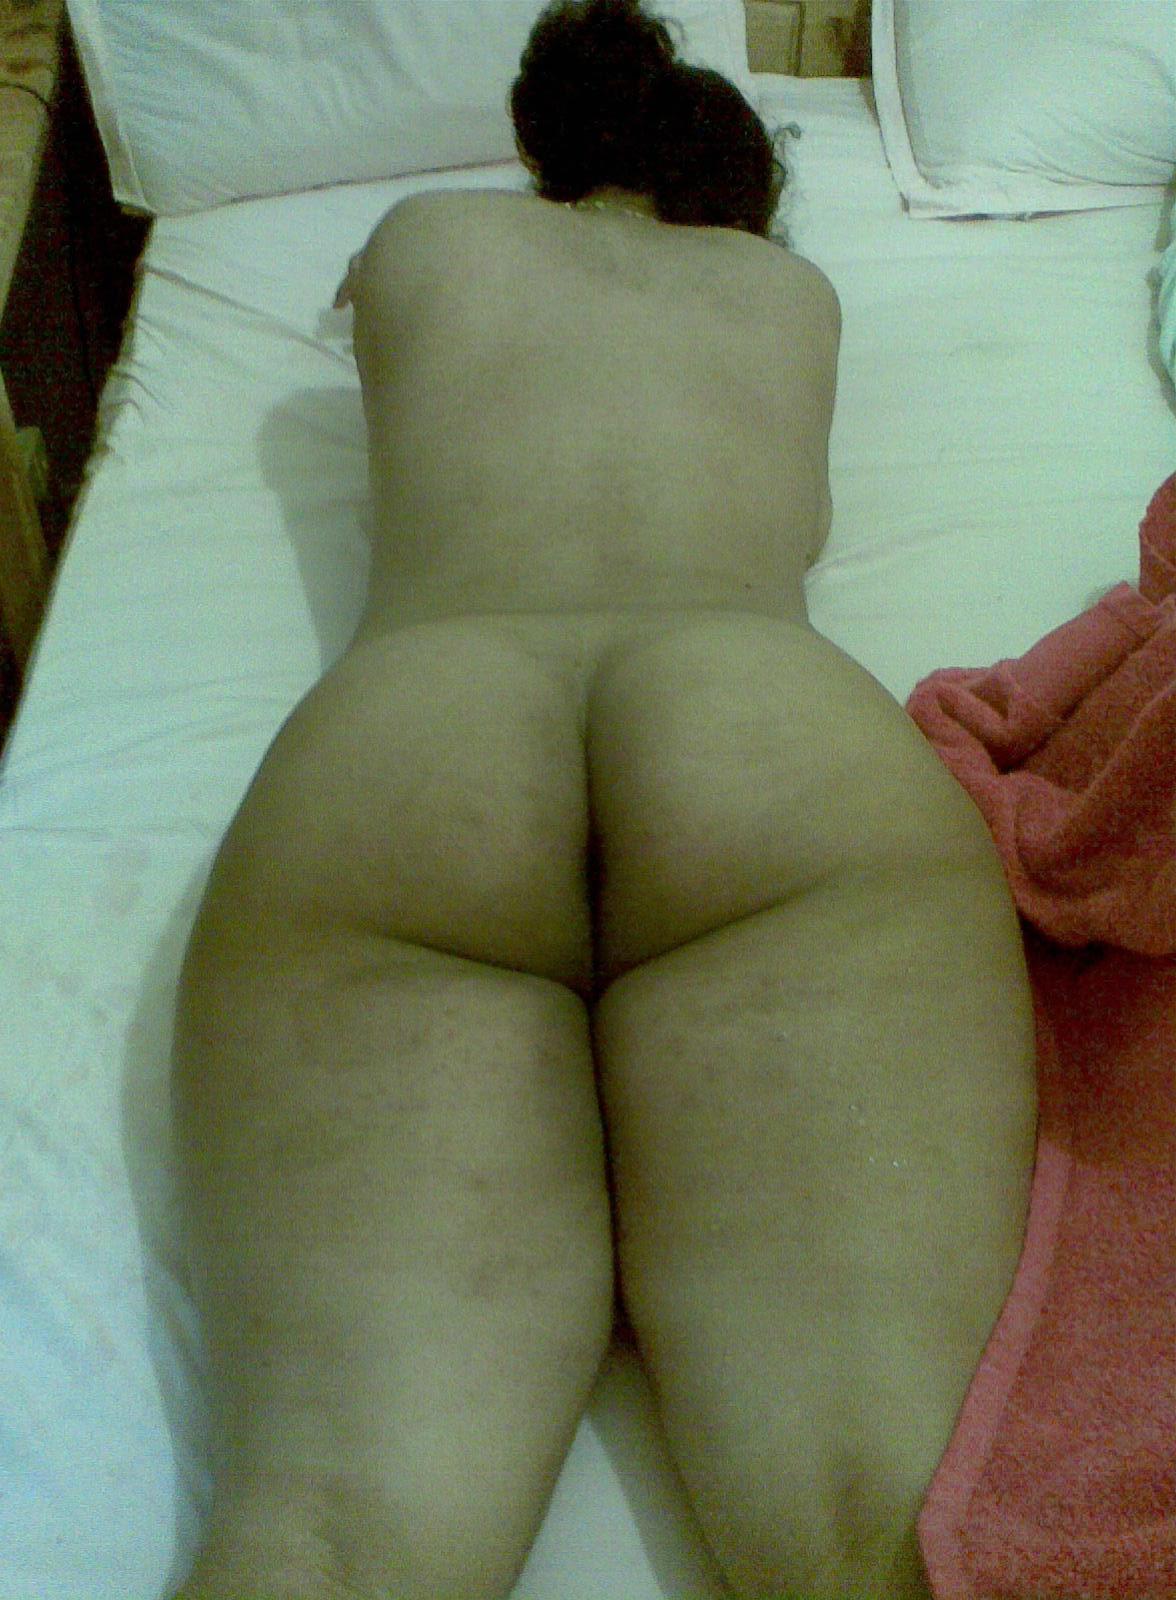 Hot shemale fuck futanari girl